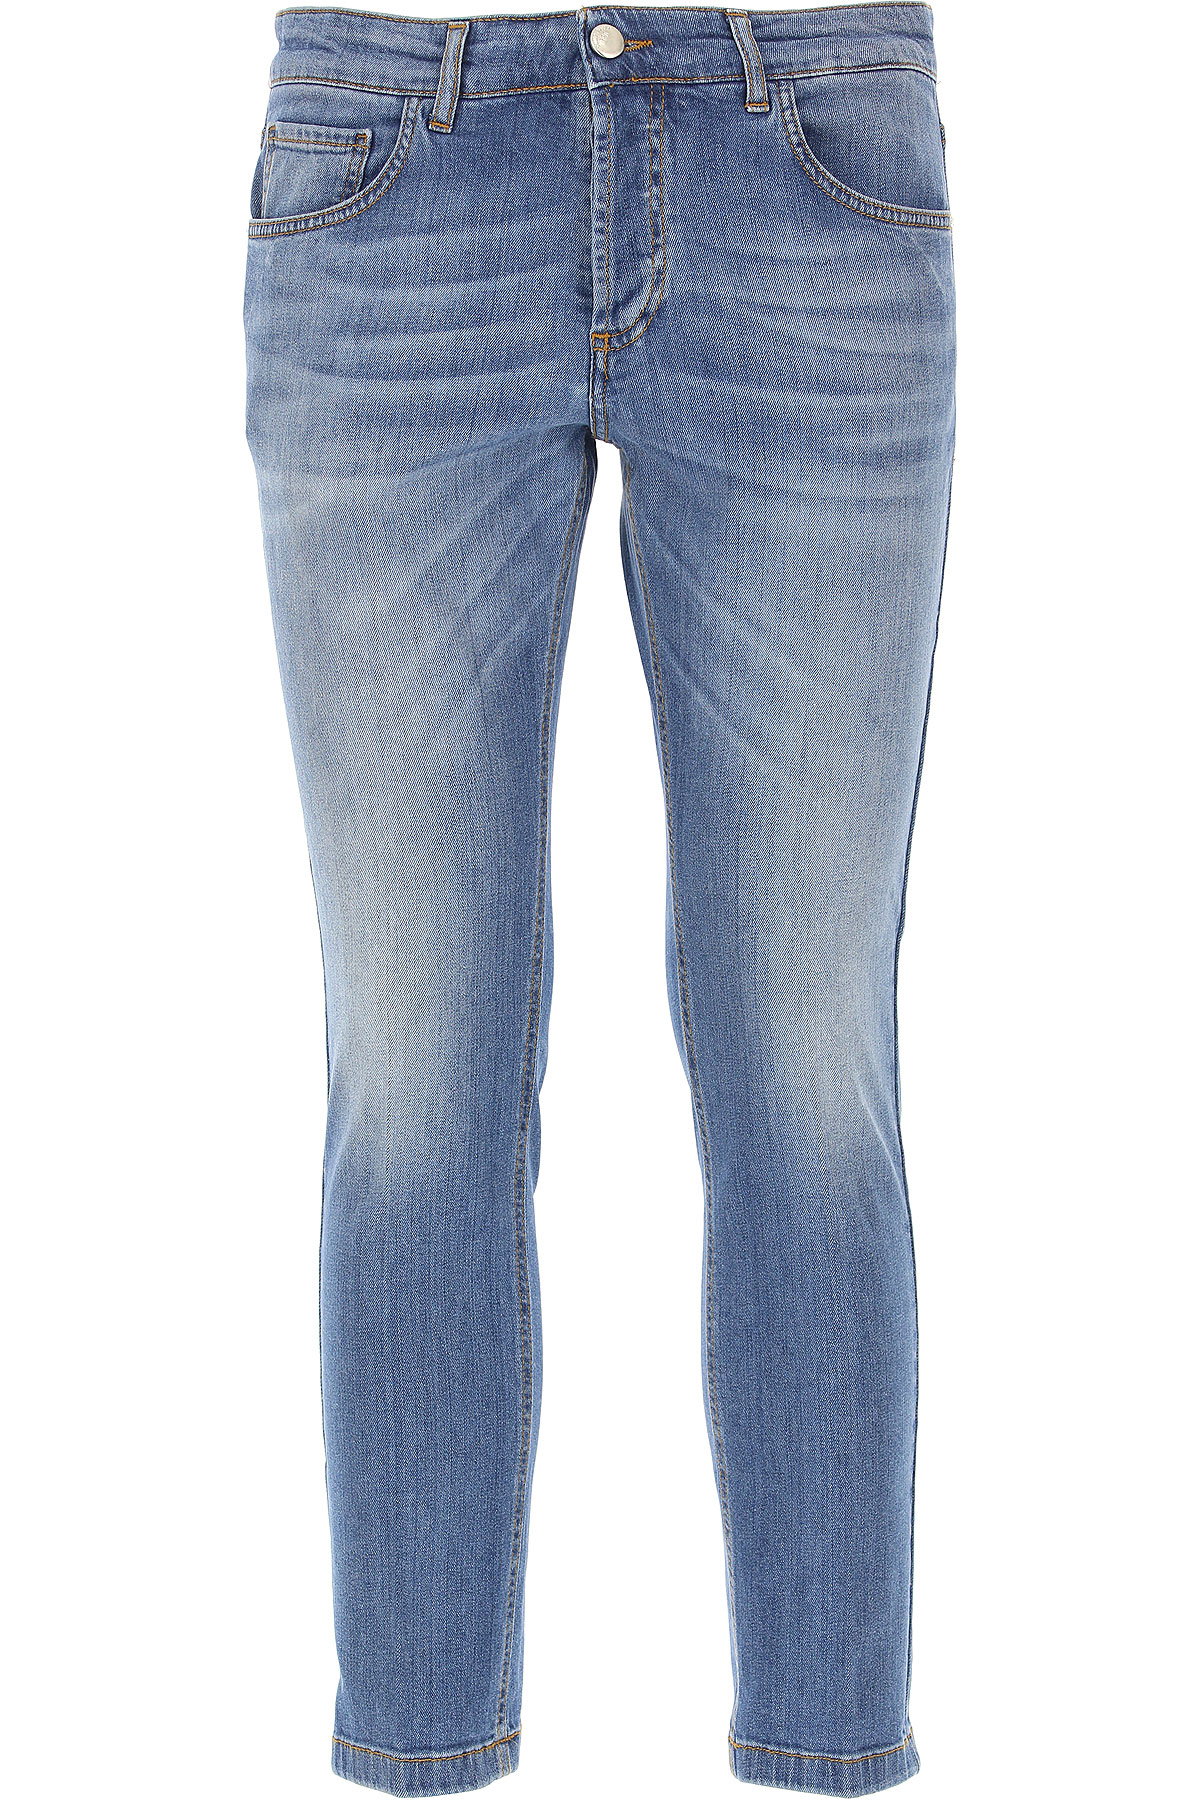 Image of Entre Amis Jeans On Sale, Denim, Cotton, 2017, 33 35 38